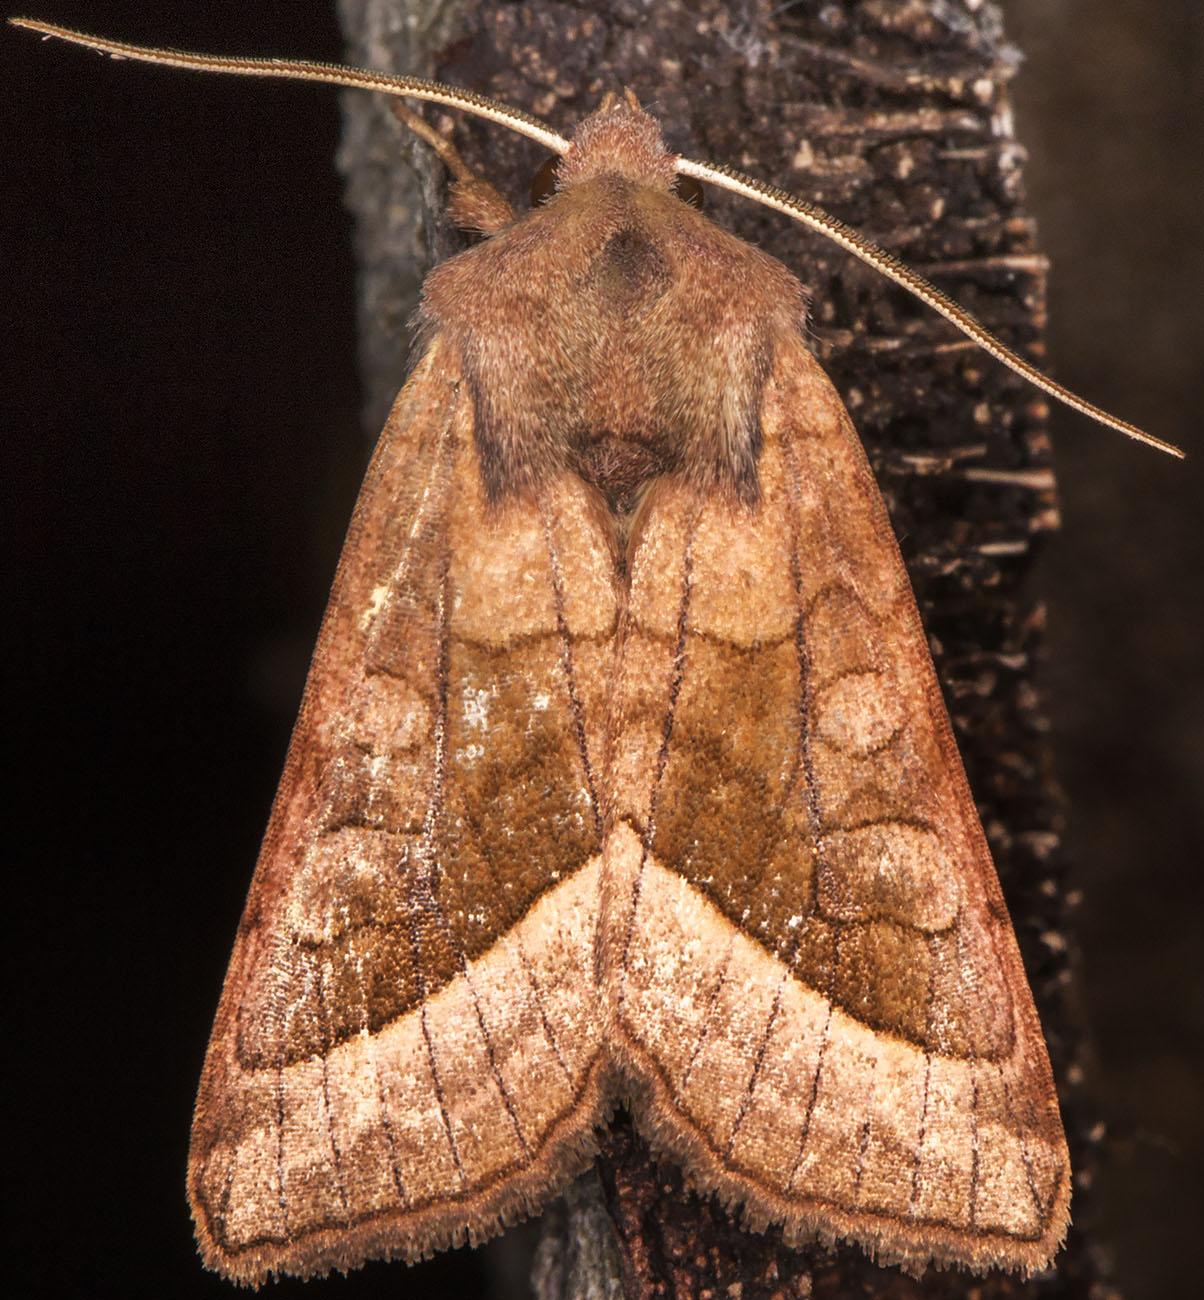 Rosy Rustic, Hydraecia micacea.  Noctuidae.  Hayes, 16 August 2014.